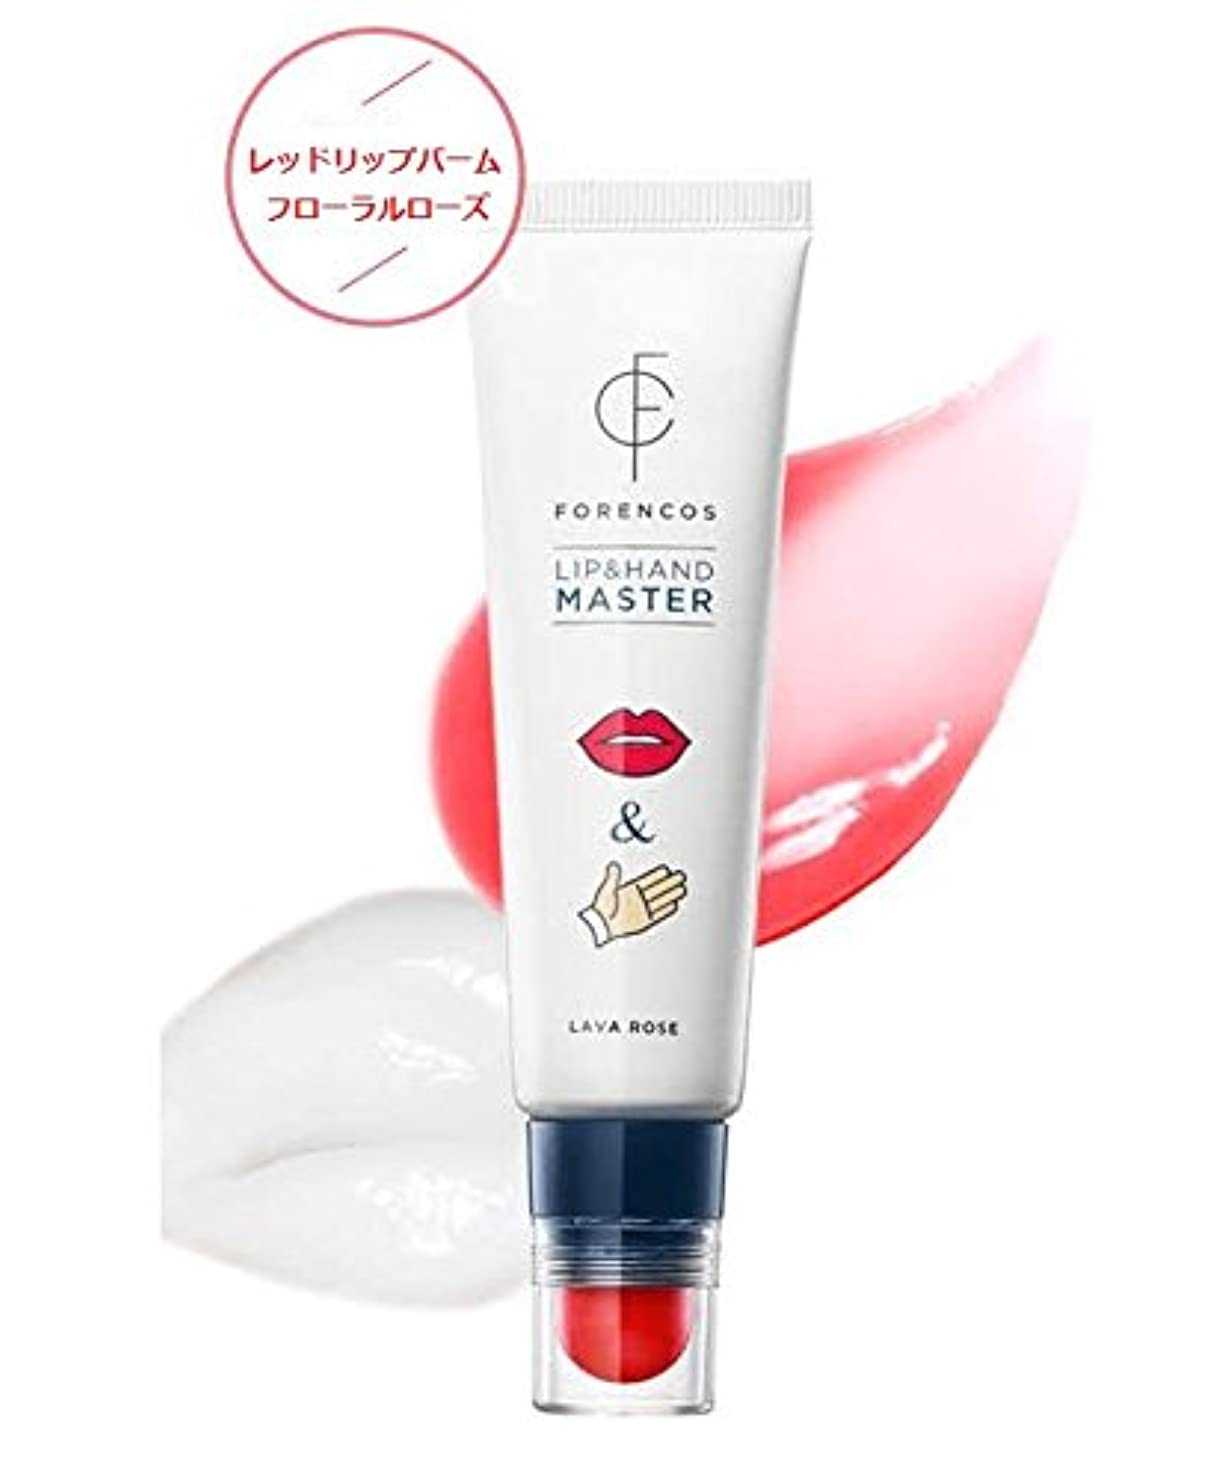 超高層ビルギネス素晴らしいFORENCOS Lip&Hand Master (LAVA ROSE) / フォレンコス リップ&ハンドマスター (ハンドクリーム リップバーム) [並行輸入品]